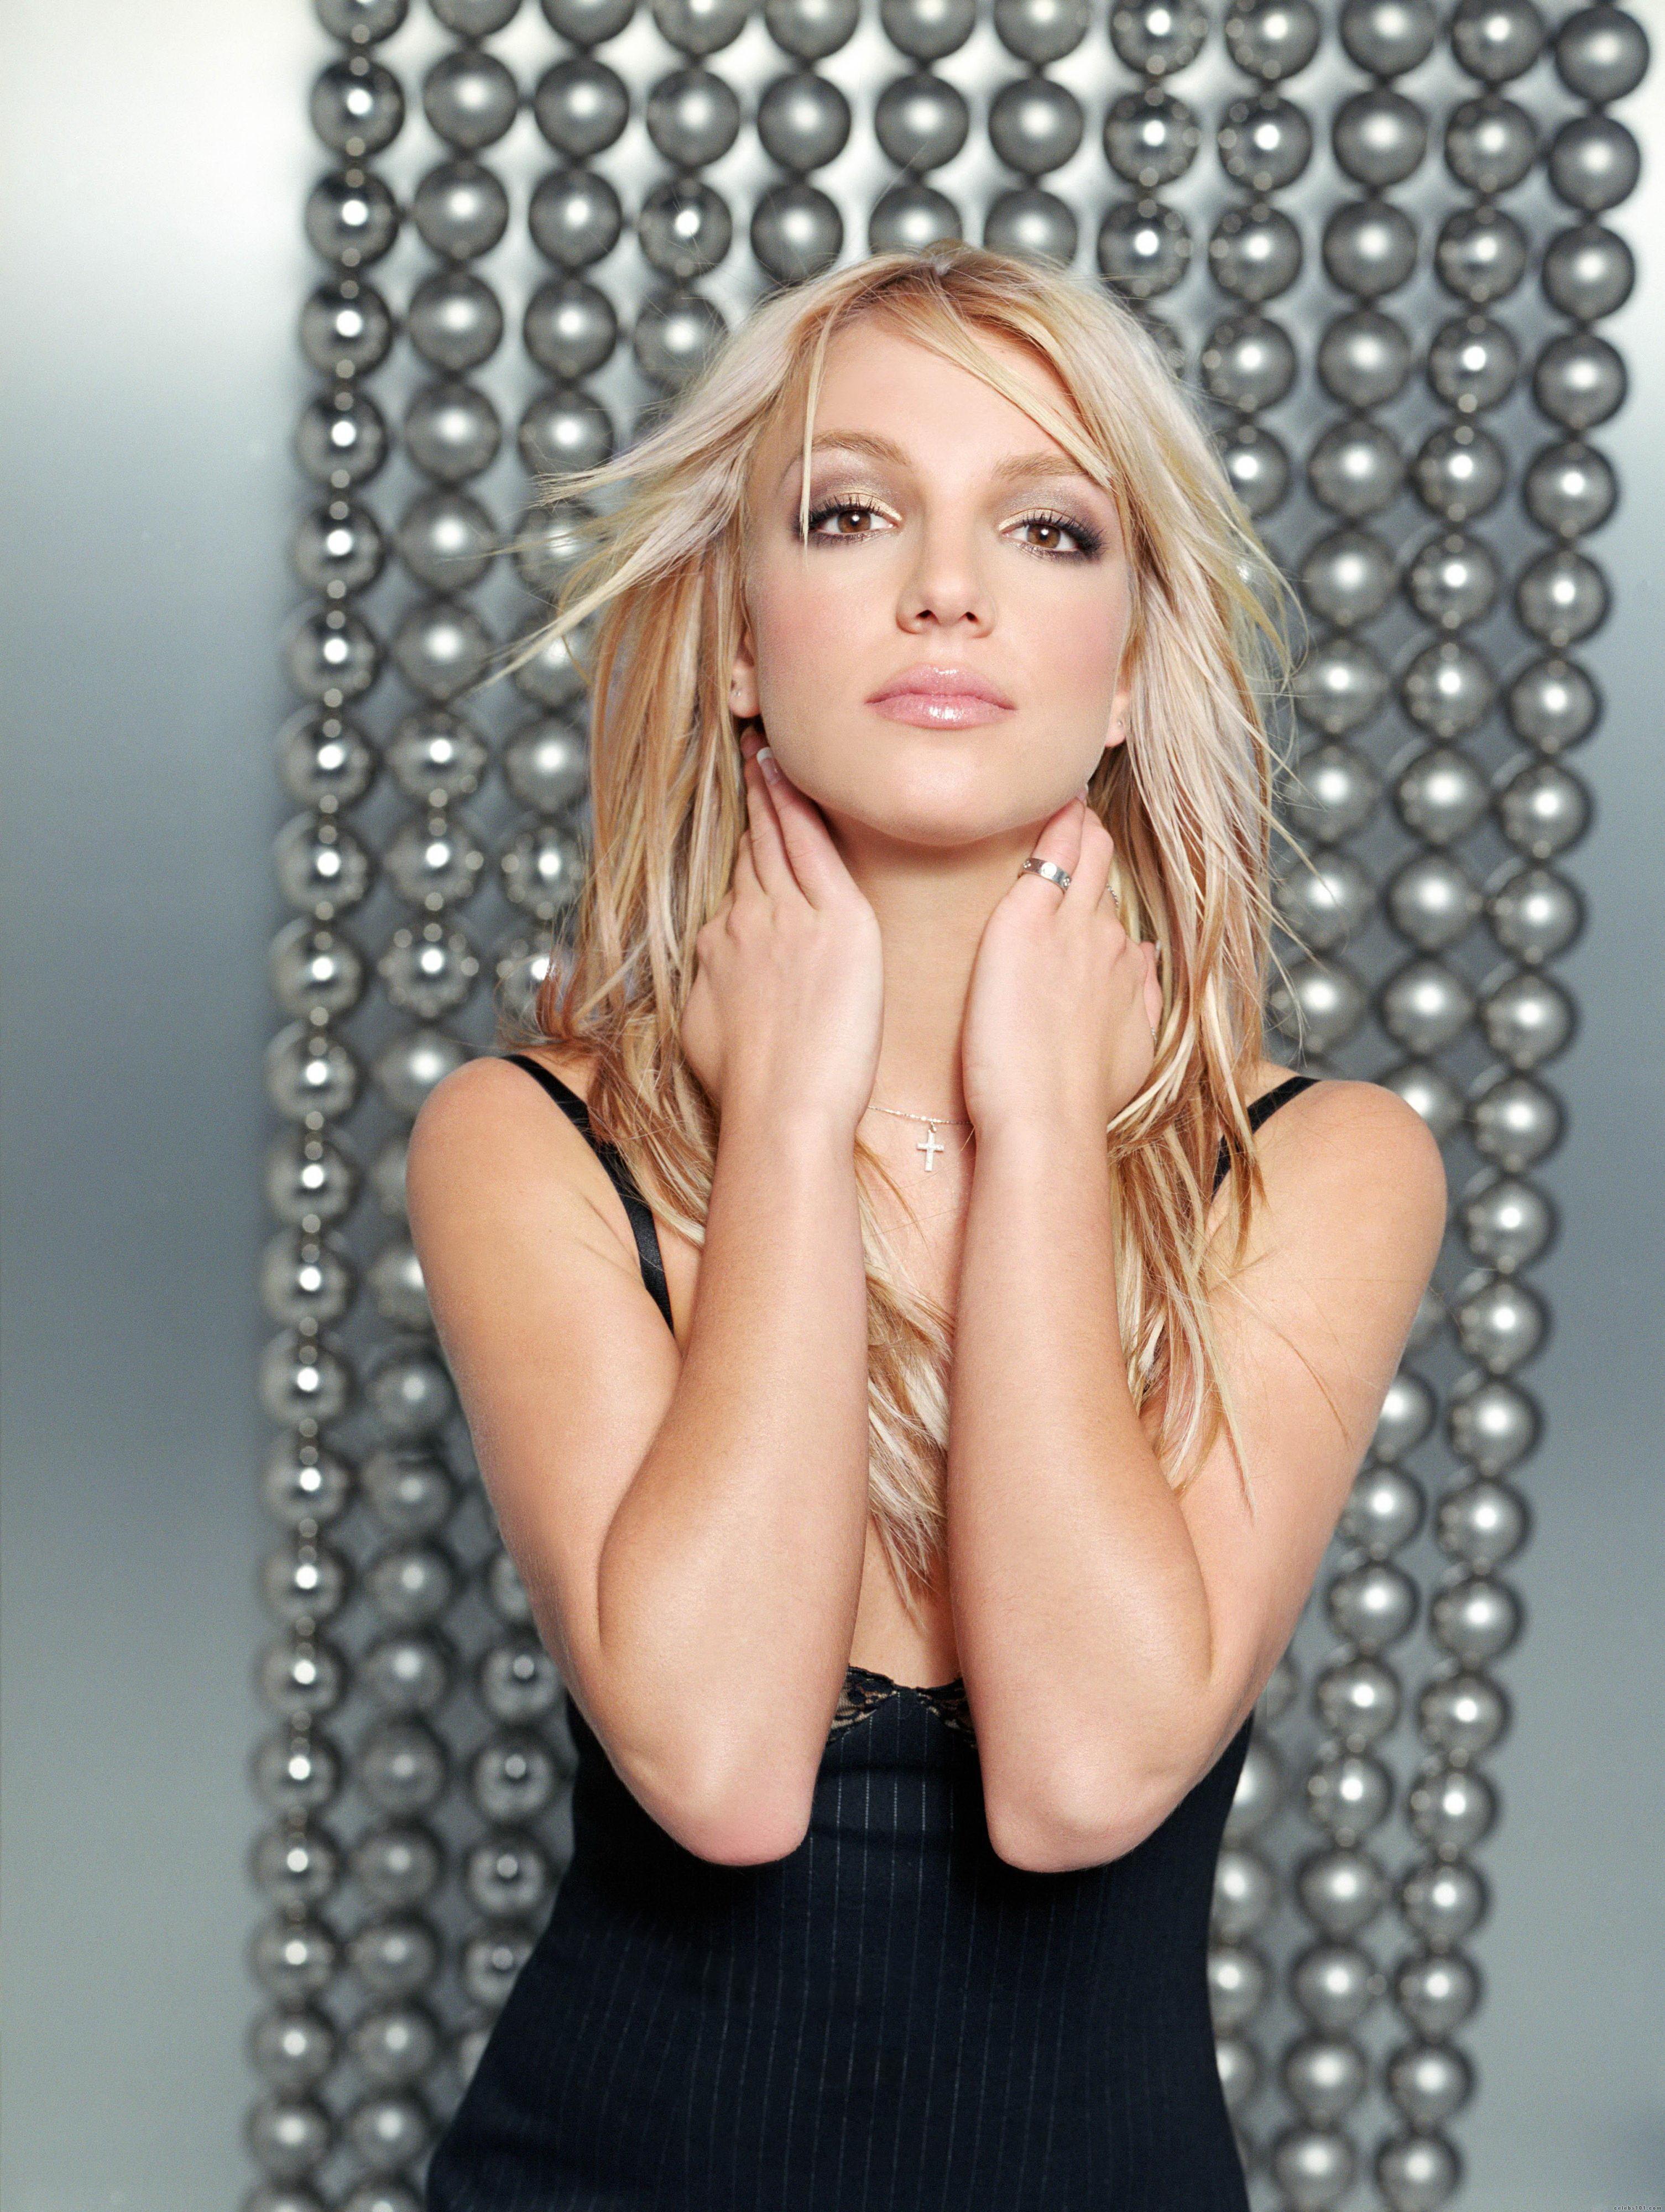 El bochorno de Britney Spears: casi se queda desnuda